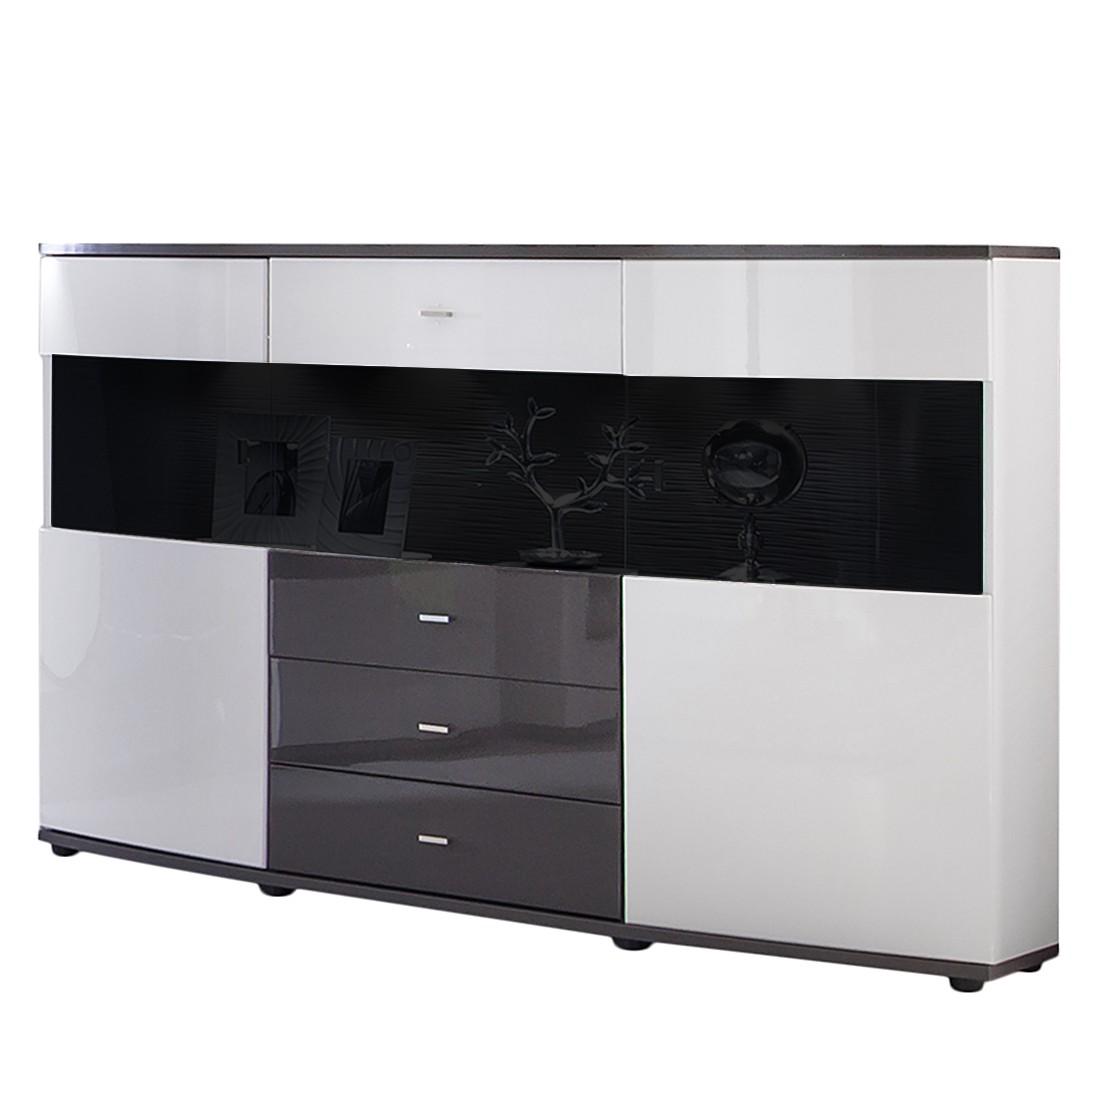 Verschiedene Sideboard Grau Weiß Dekoration Von Highboard Galway - Hochglanz Weiß/ - Ohne